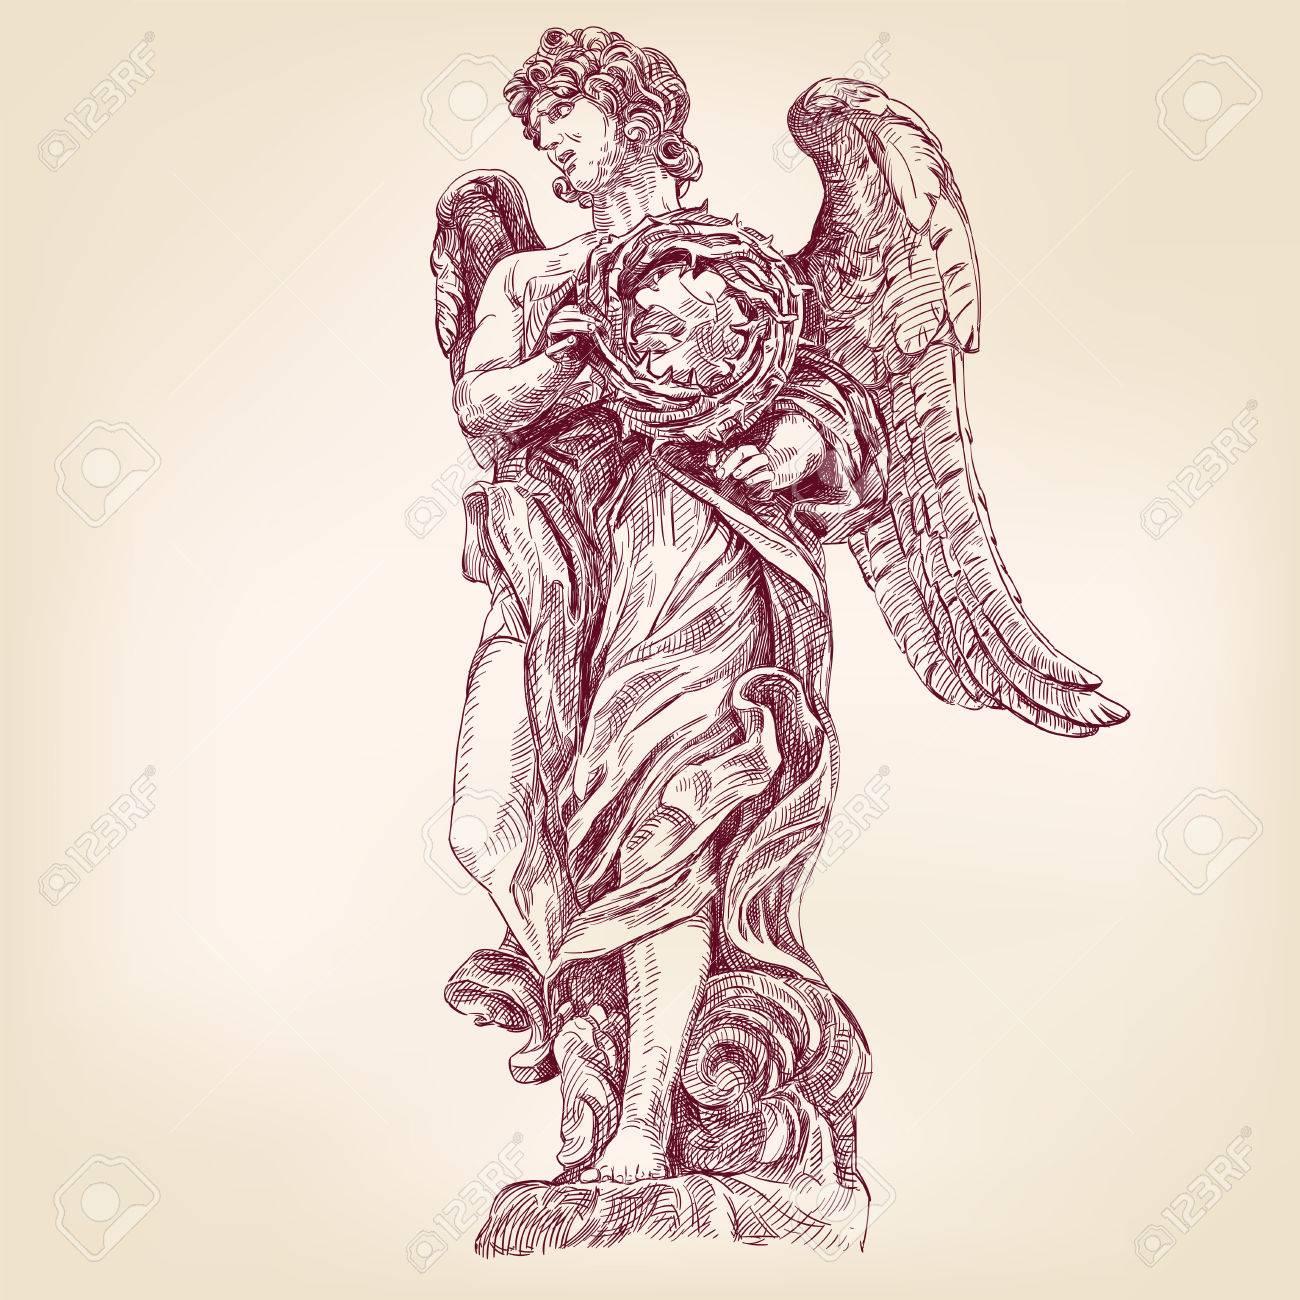 Dessin Ange Realiste ange tenant une couronne d'épines dessinés à la main vecteur llustration  esquisse réaliste